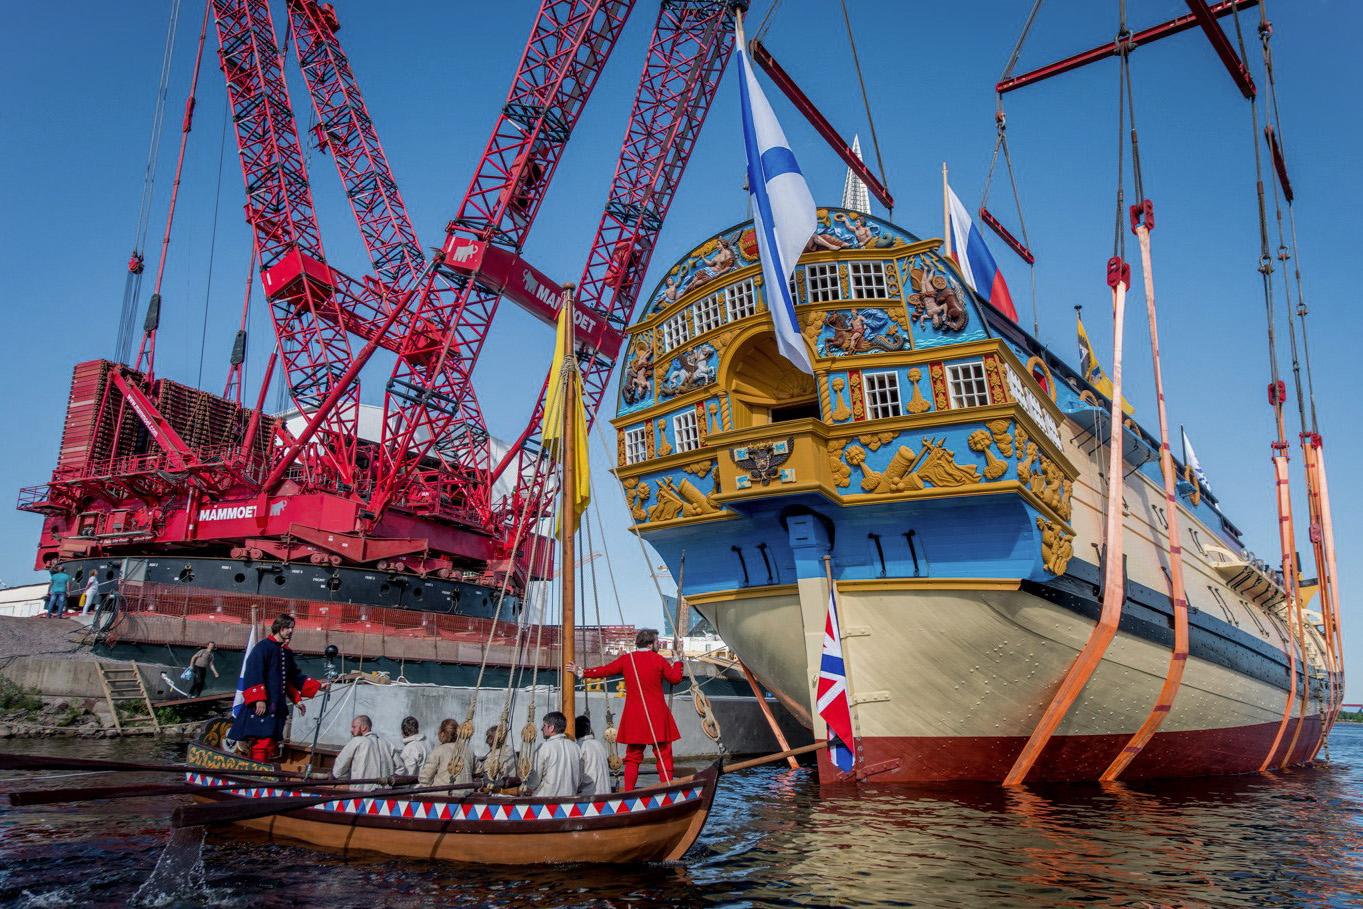 В Петербурге спустили на воду «Полтаву» — реплику военного корабля времен Петра I. Посмотрите, как строили судно и как оно выглядит сейчас